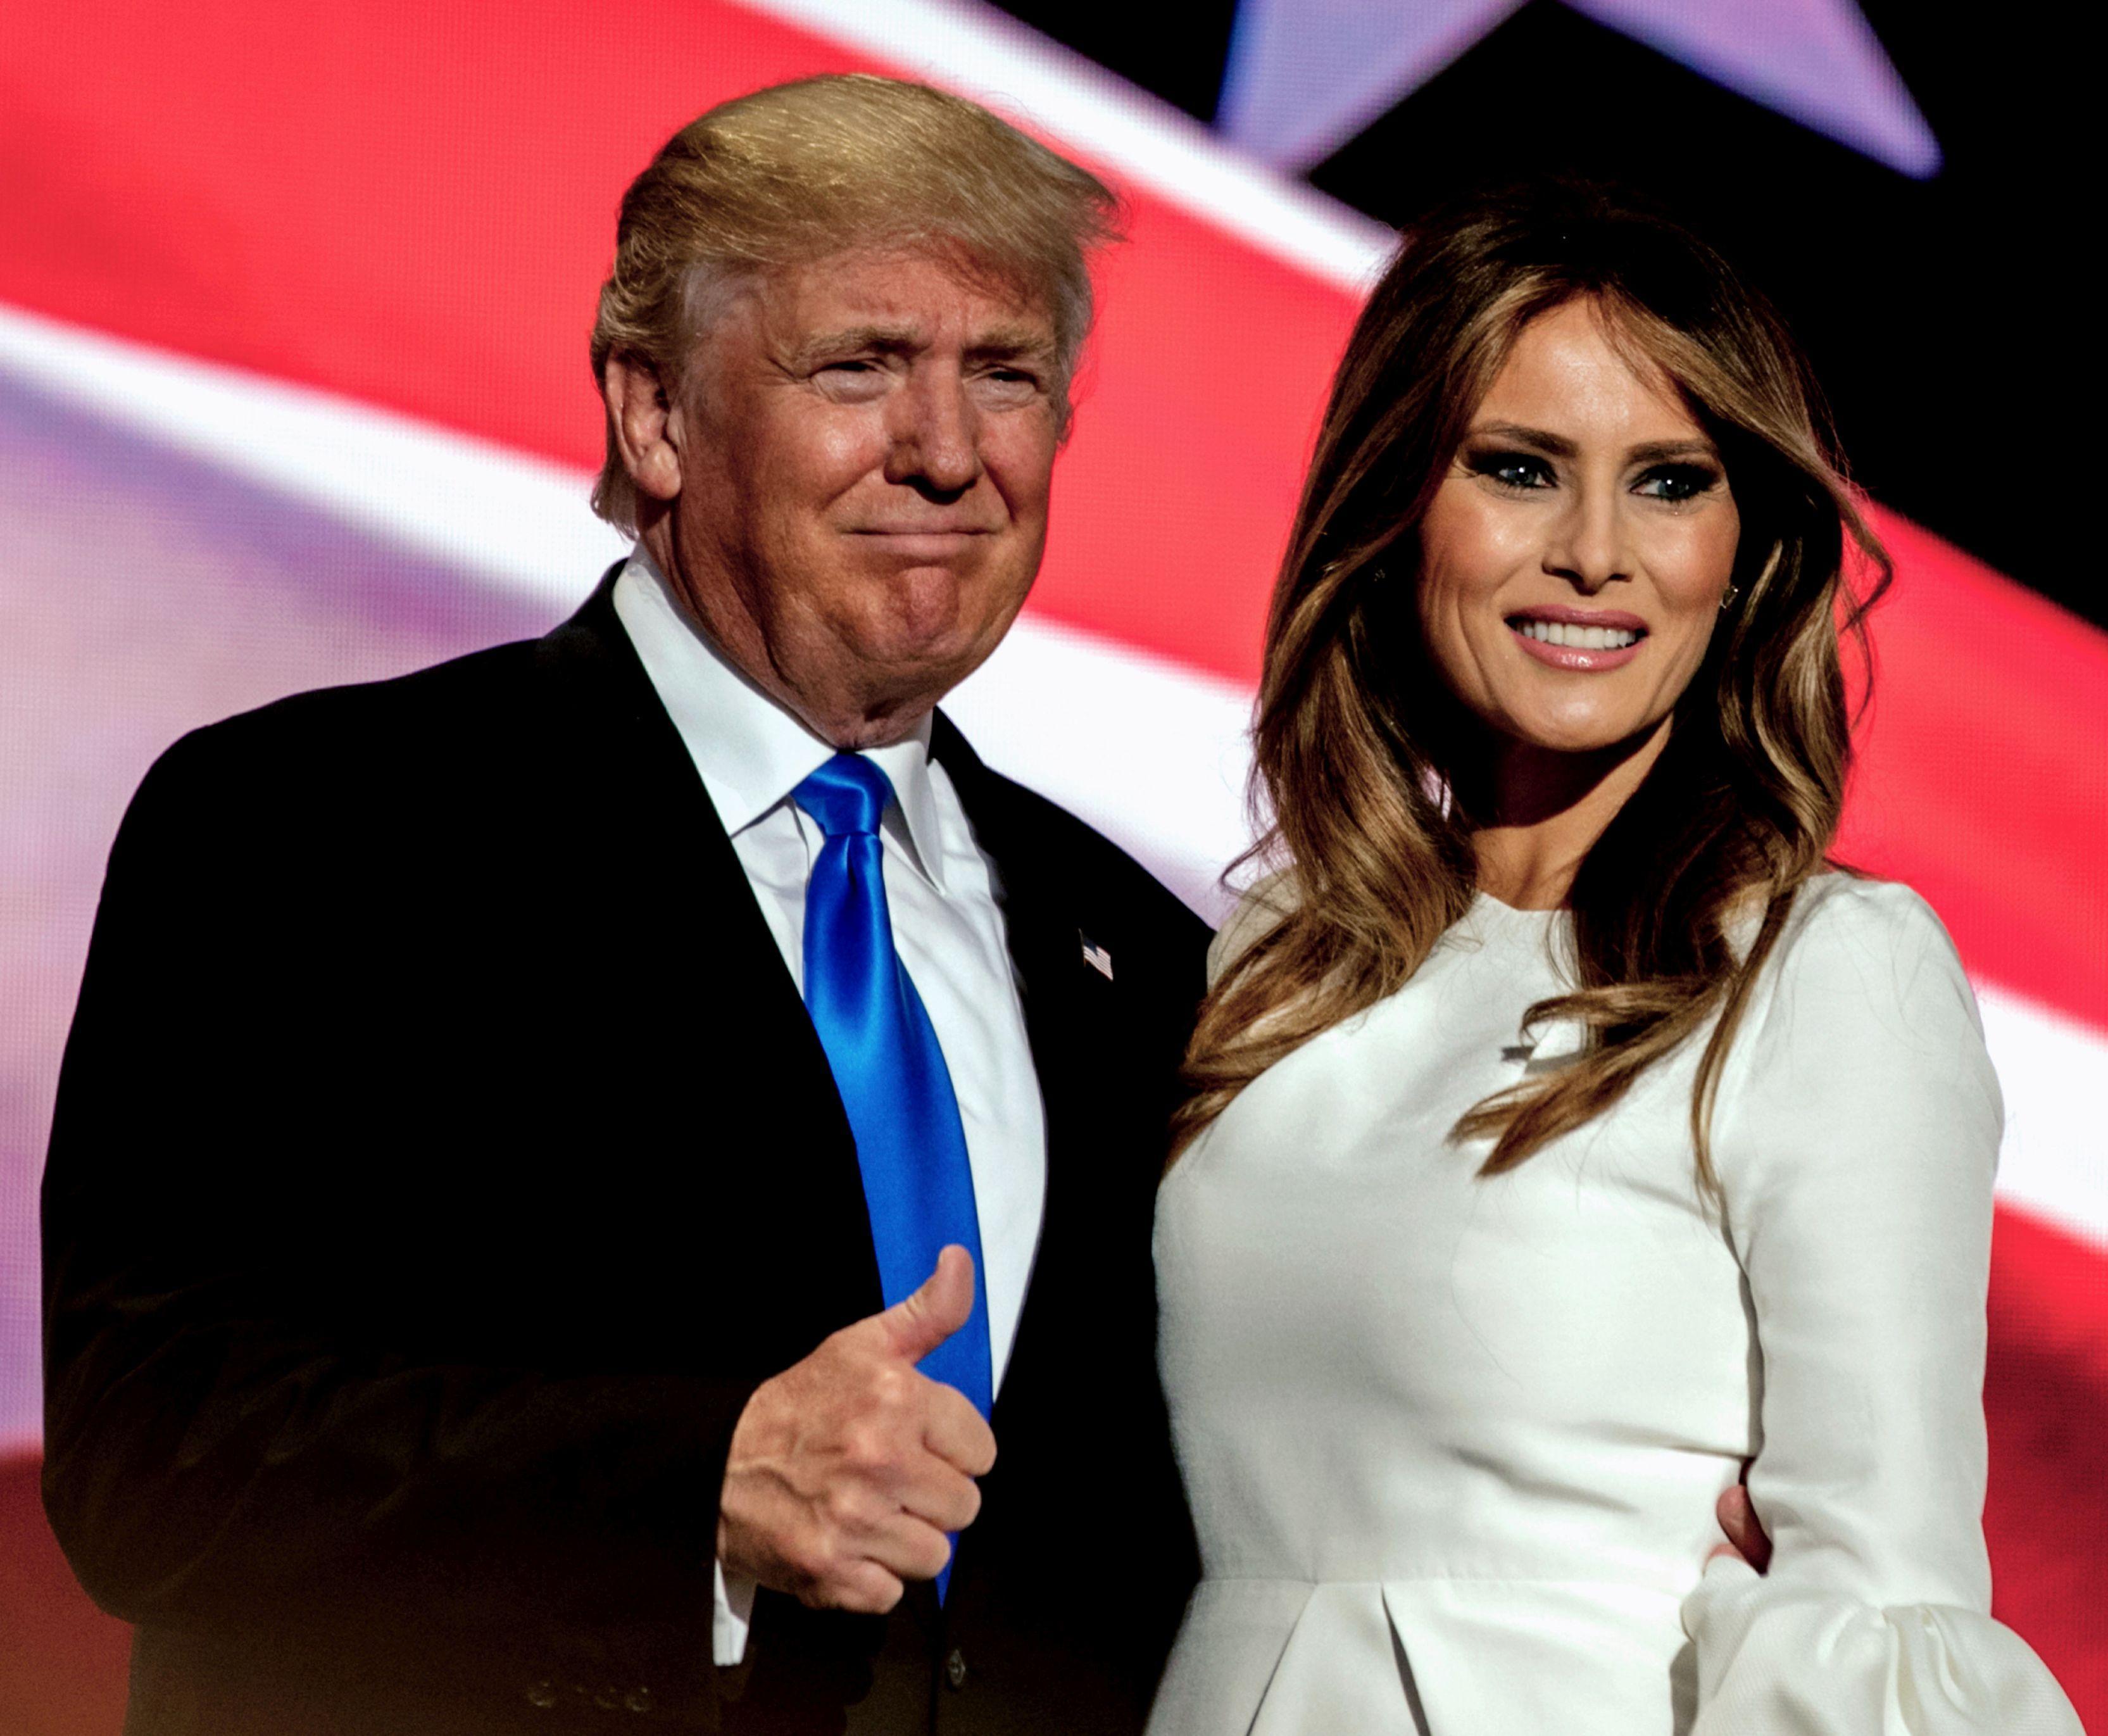 """Ținuta purtată de Melania Trump la părăsirea Casei Albe. Cum arată costumul """"de doliu"""" ales de fosta Primă Doamnă: Foto"""